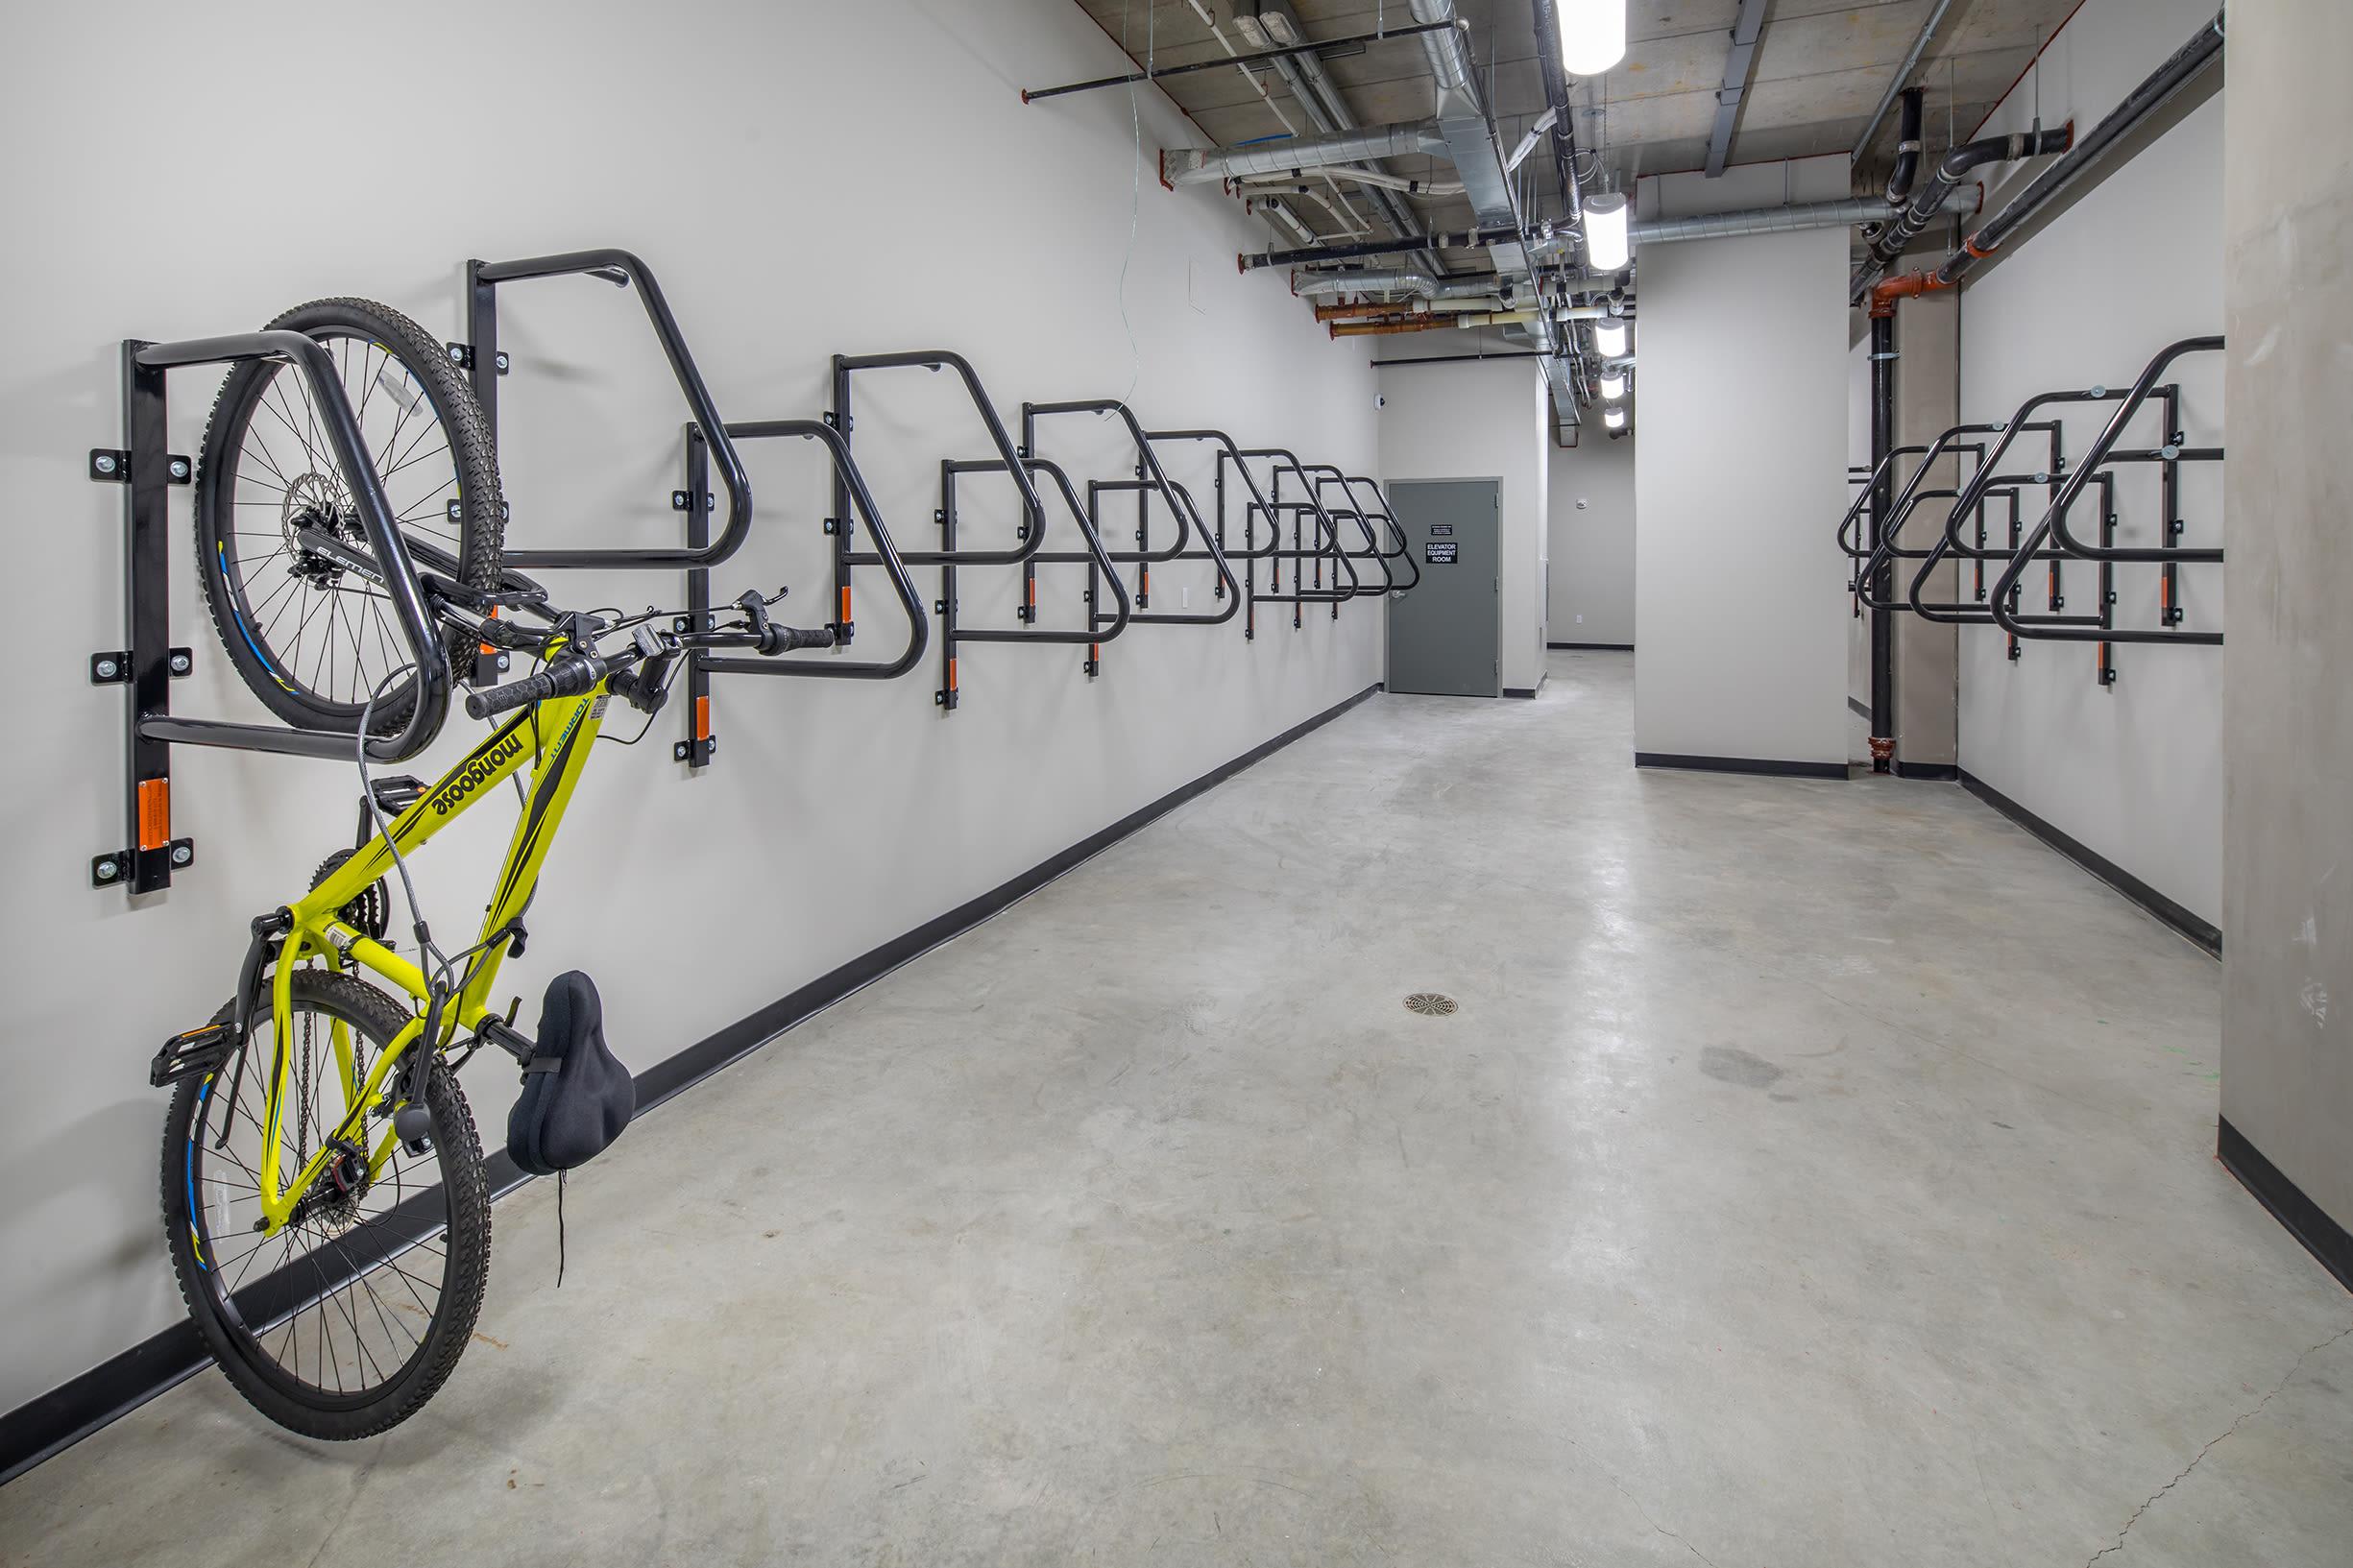 Bike racks with bike at Ascend in Portland, OR